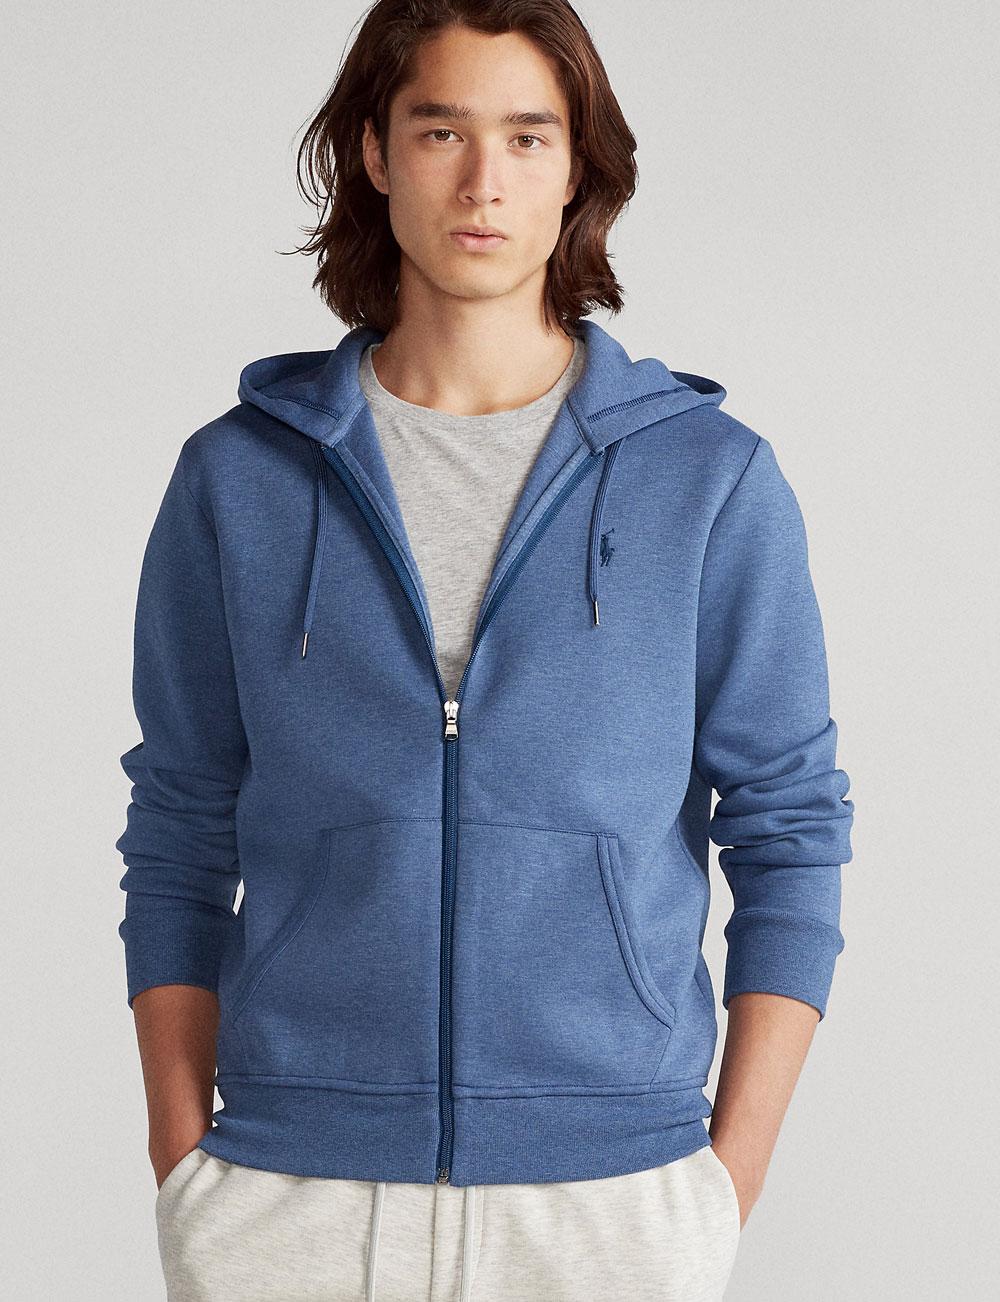 Fête des pères : veste zippée à capuche bleu pour homme Polo Ralph Lauren